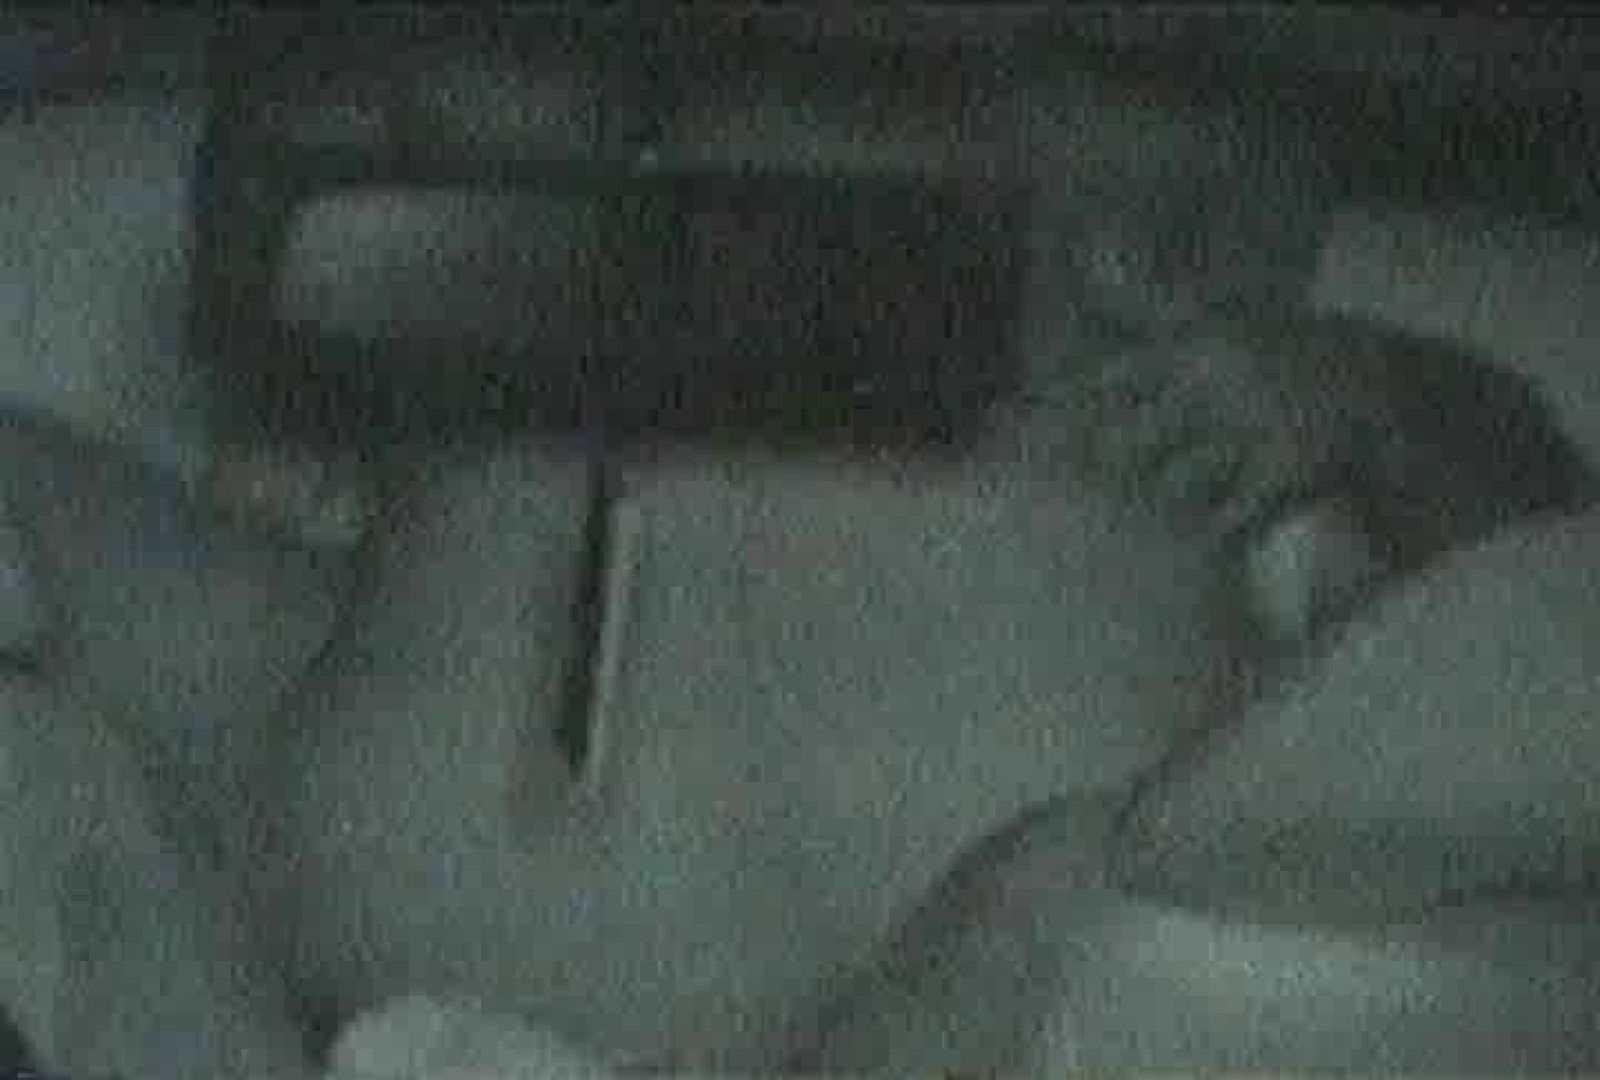 充血監督の深夜の運動会Vol.99 ギャルのエロ動画 | カップル盗撮  87画像 53